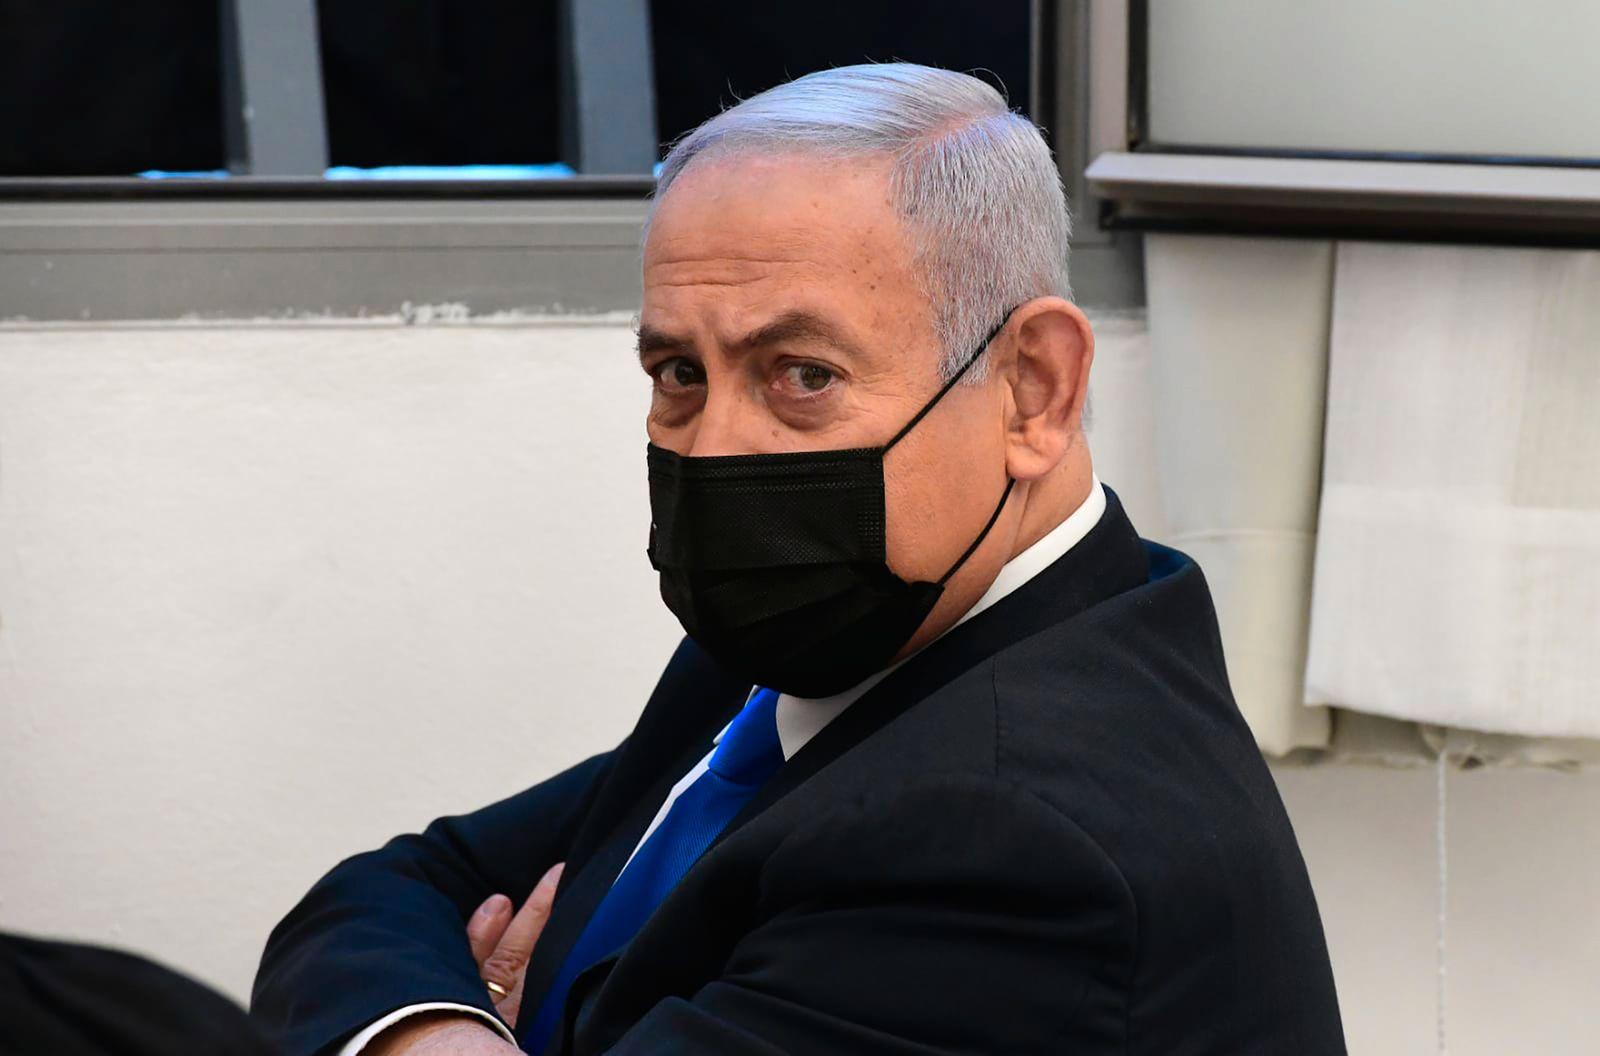 Korruptionsprozess gegen Israels Regierungschef Netanjahu